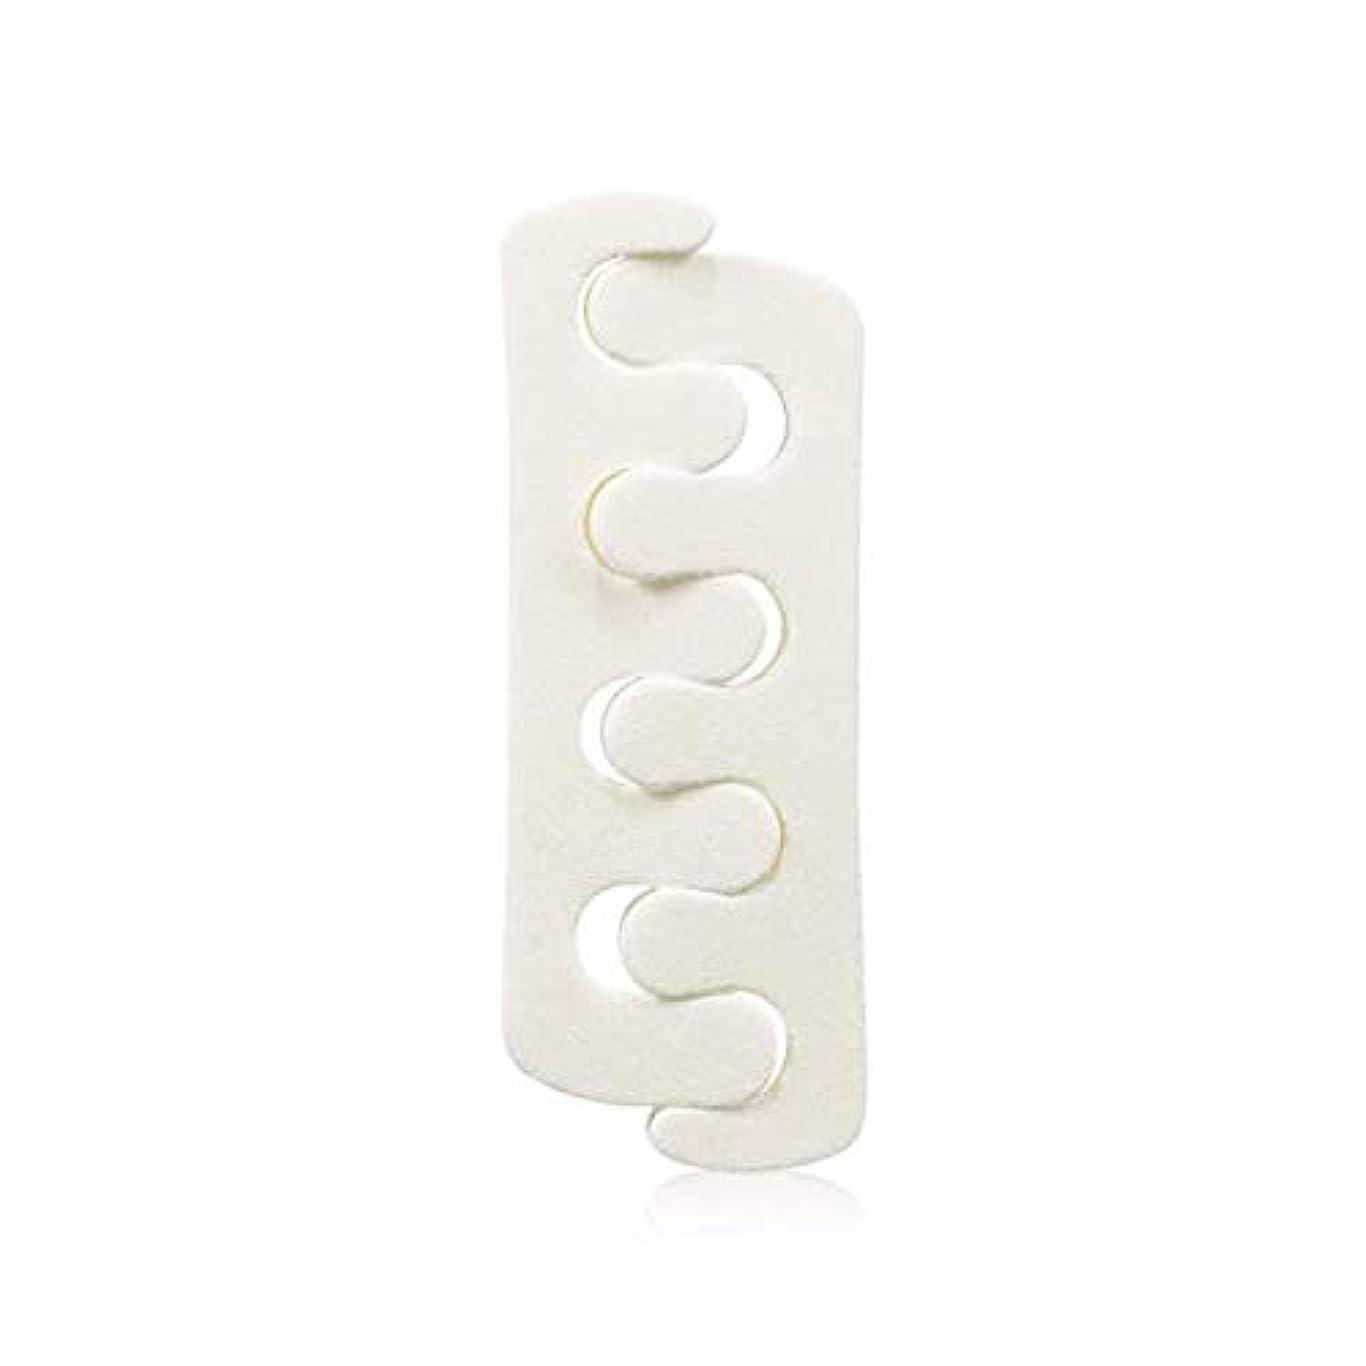 [イニスフリー.innisfree]ビューティーツールペディキュア台Beauty Tool Toe Separators For Pedicure_簡単かつ手軽にペディキュアを助けてくれるつま先台